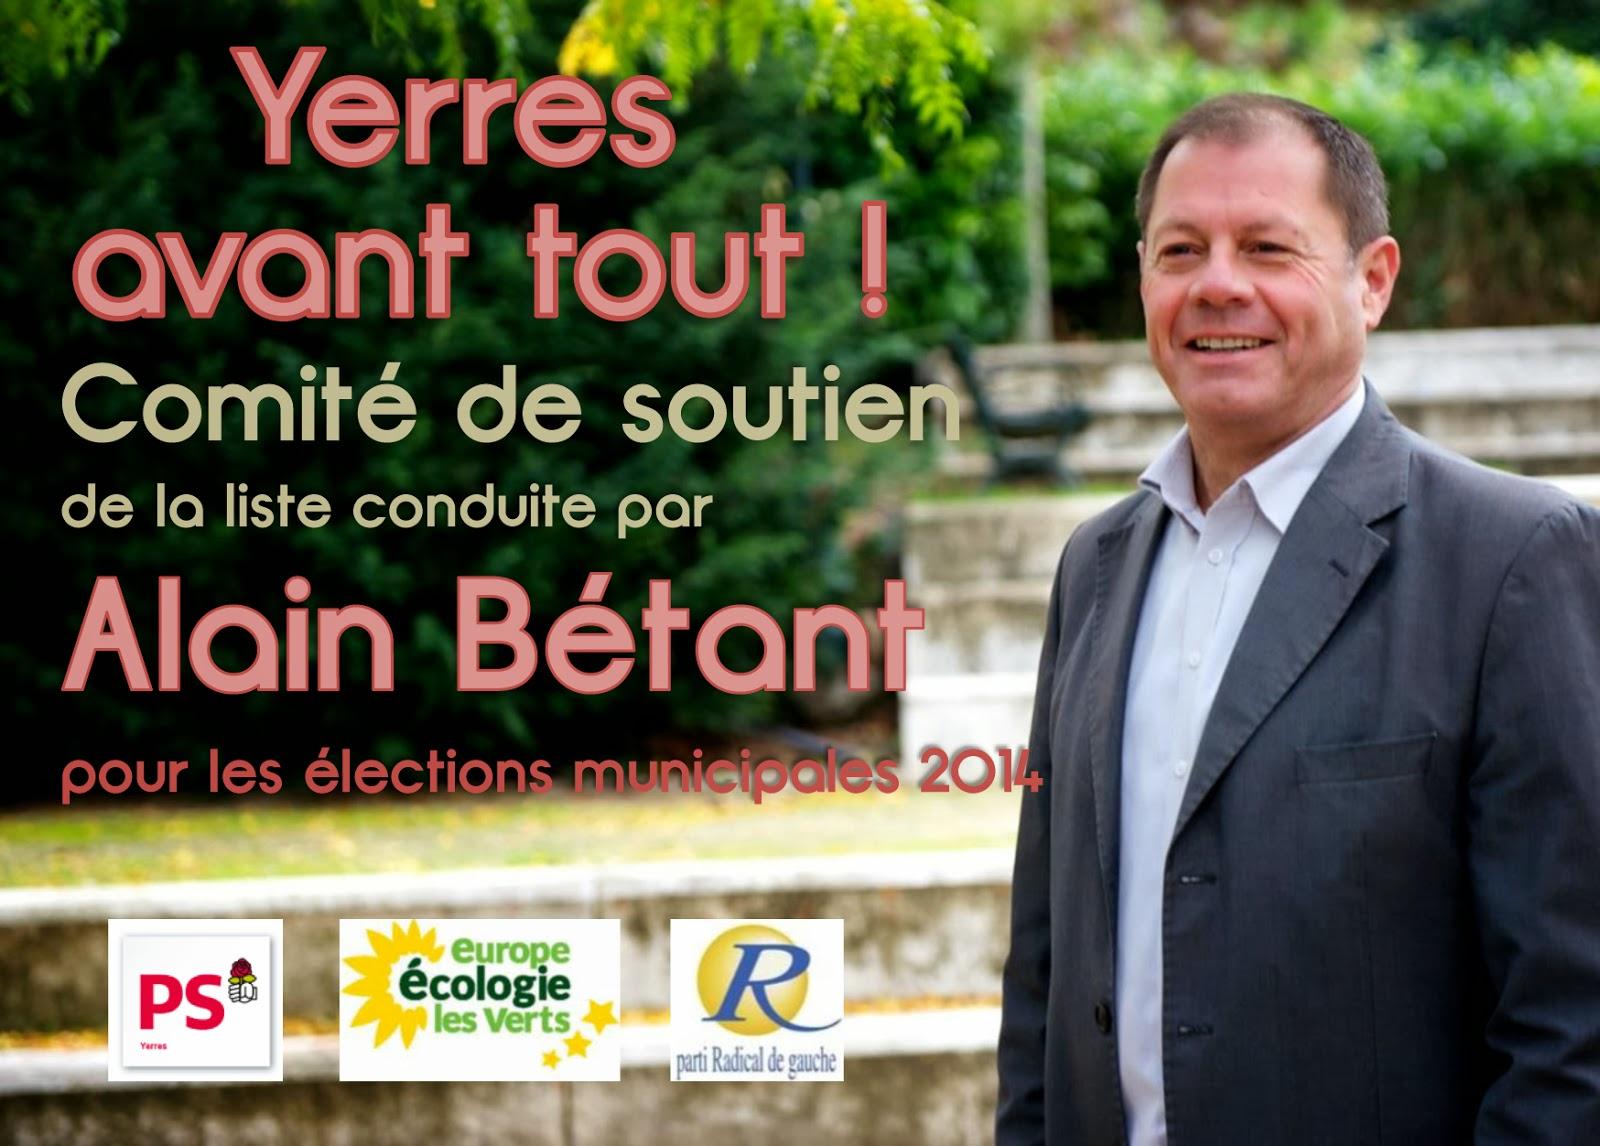 http://voxdegauche.fr/yerres-avant-tout-rejoignez-le-comite-de-soutien-de-la-liste-conduite-par-alain-betant/